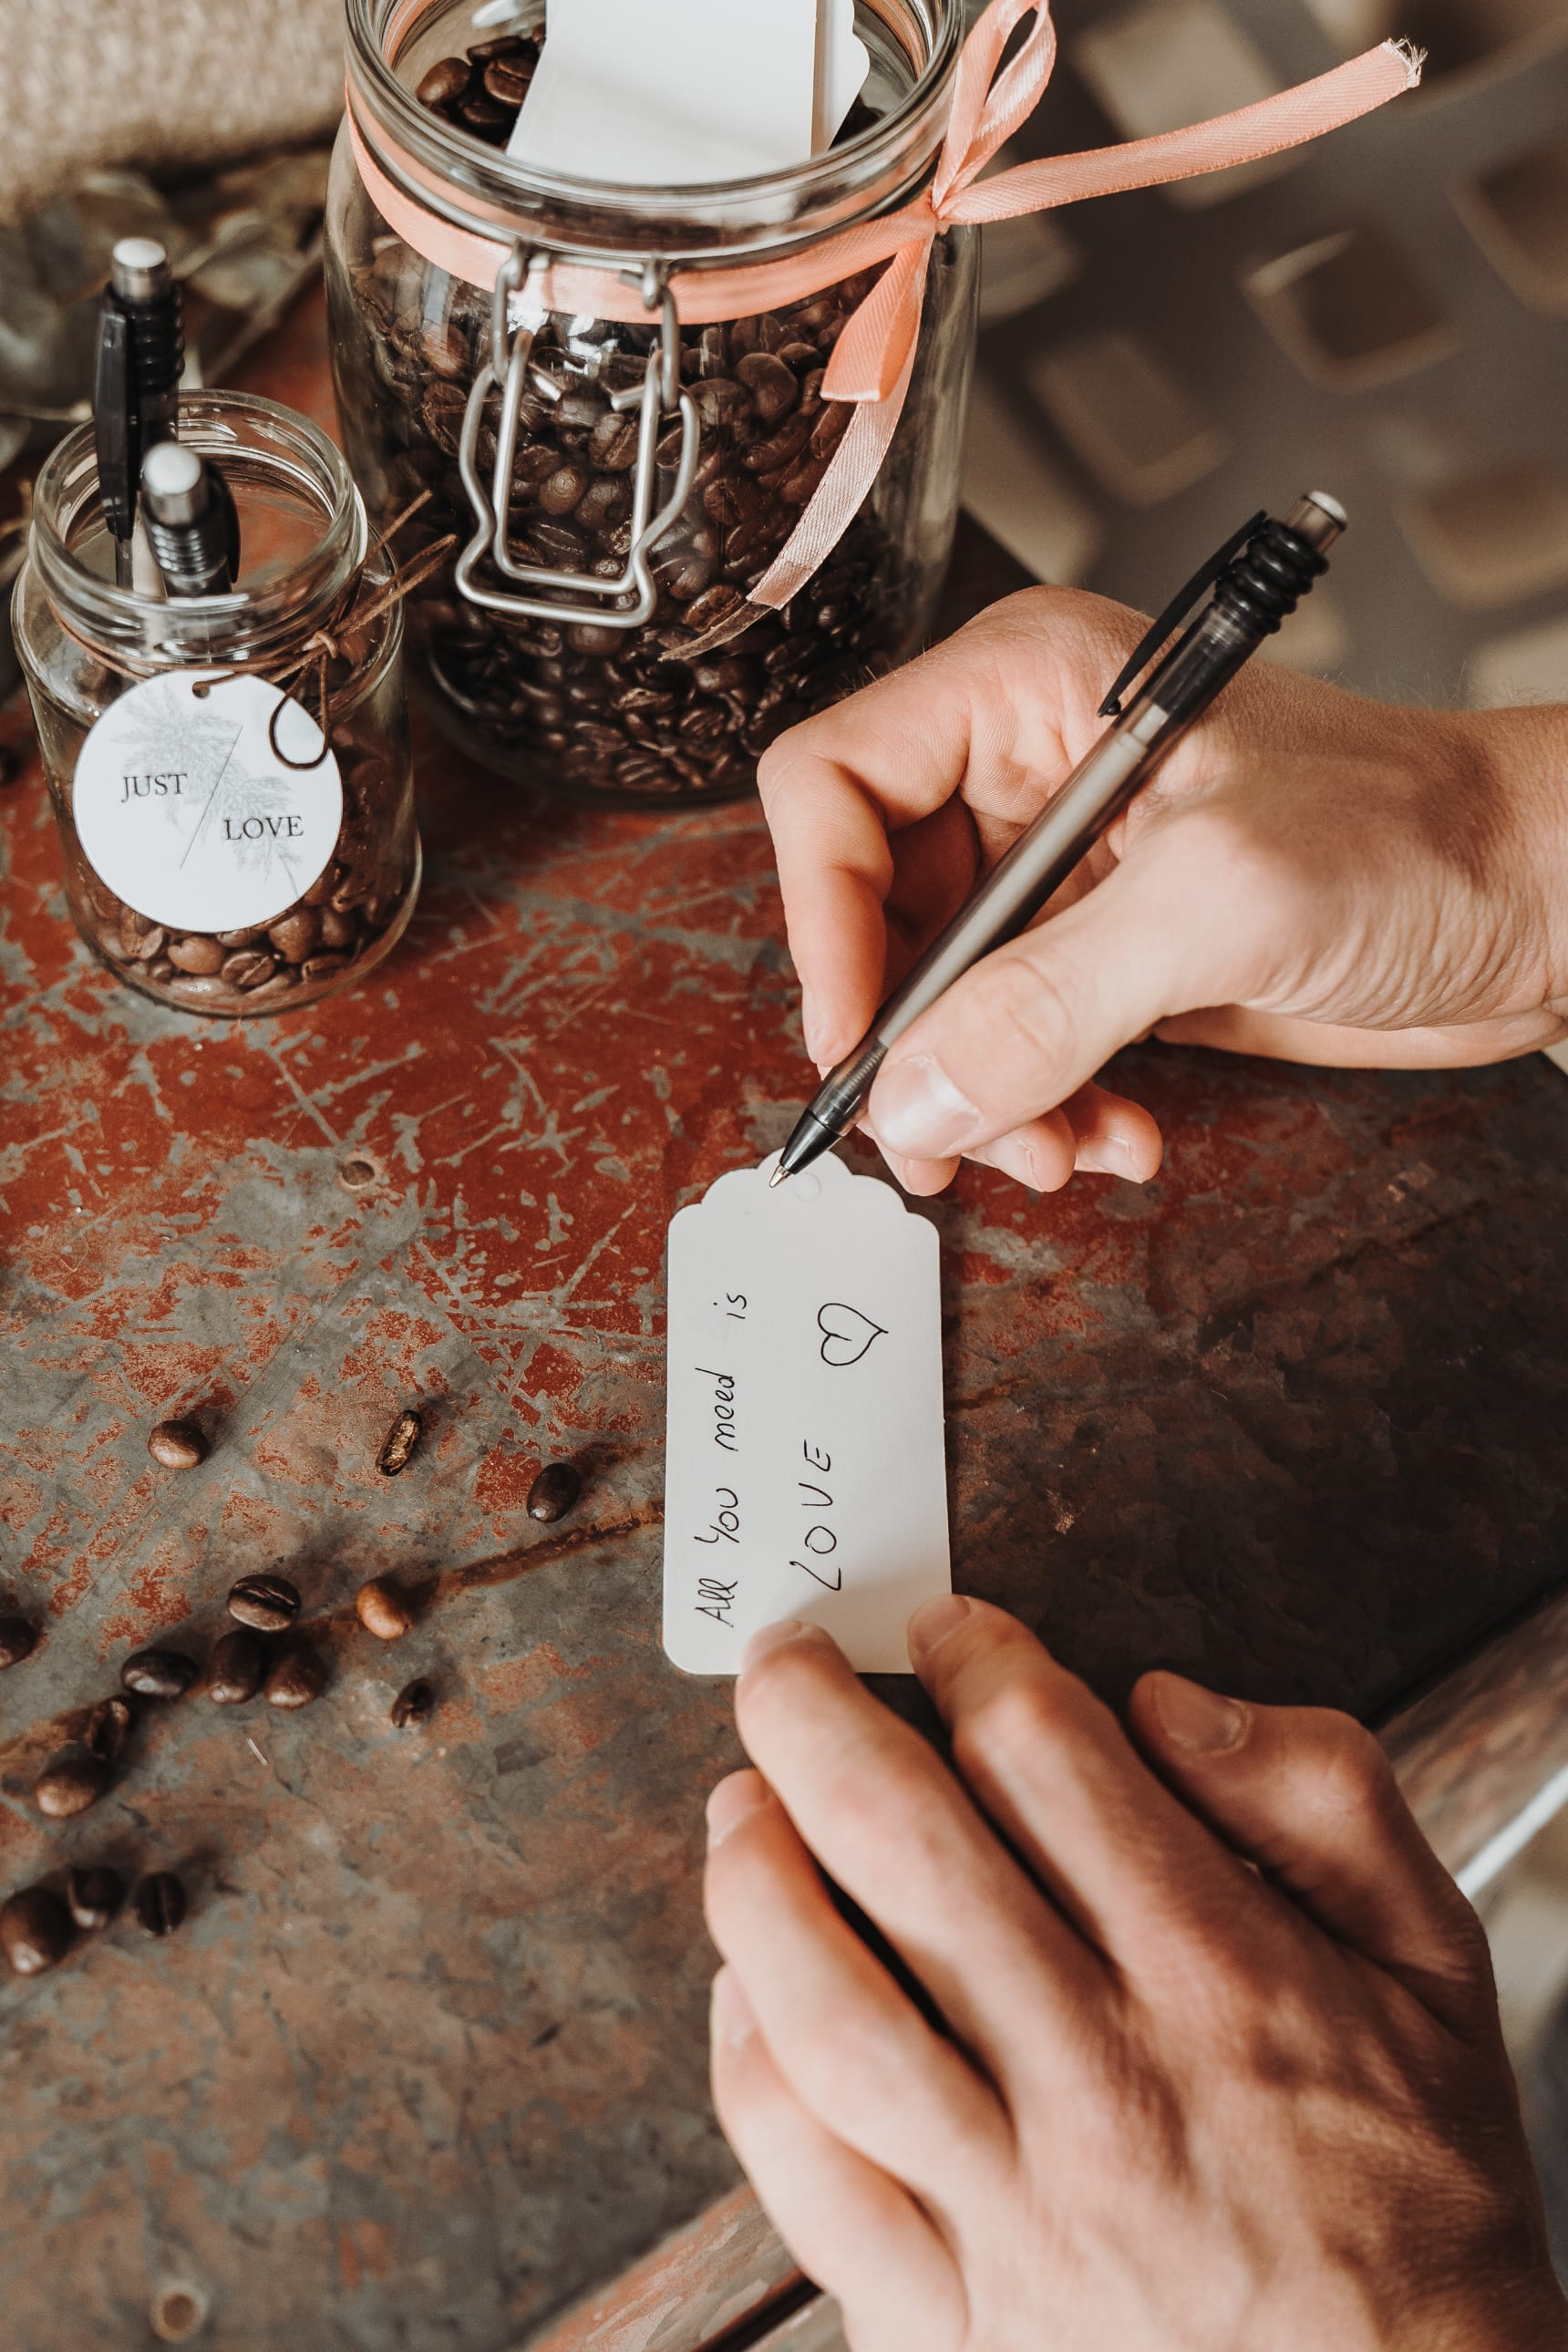 Kreative_DIY_Gästebuch_Ideen_für_die_Hochzeit_03